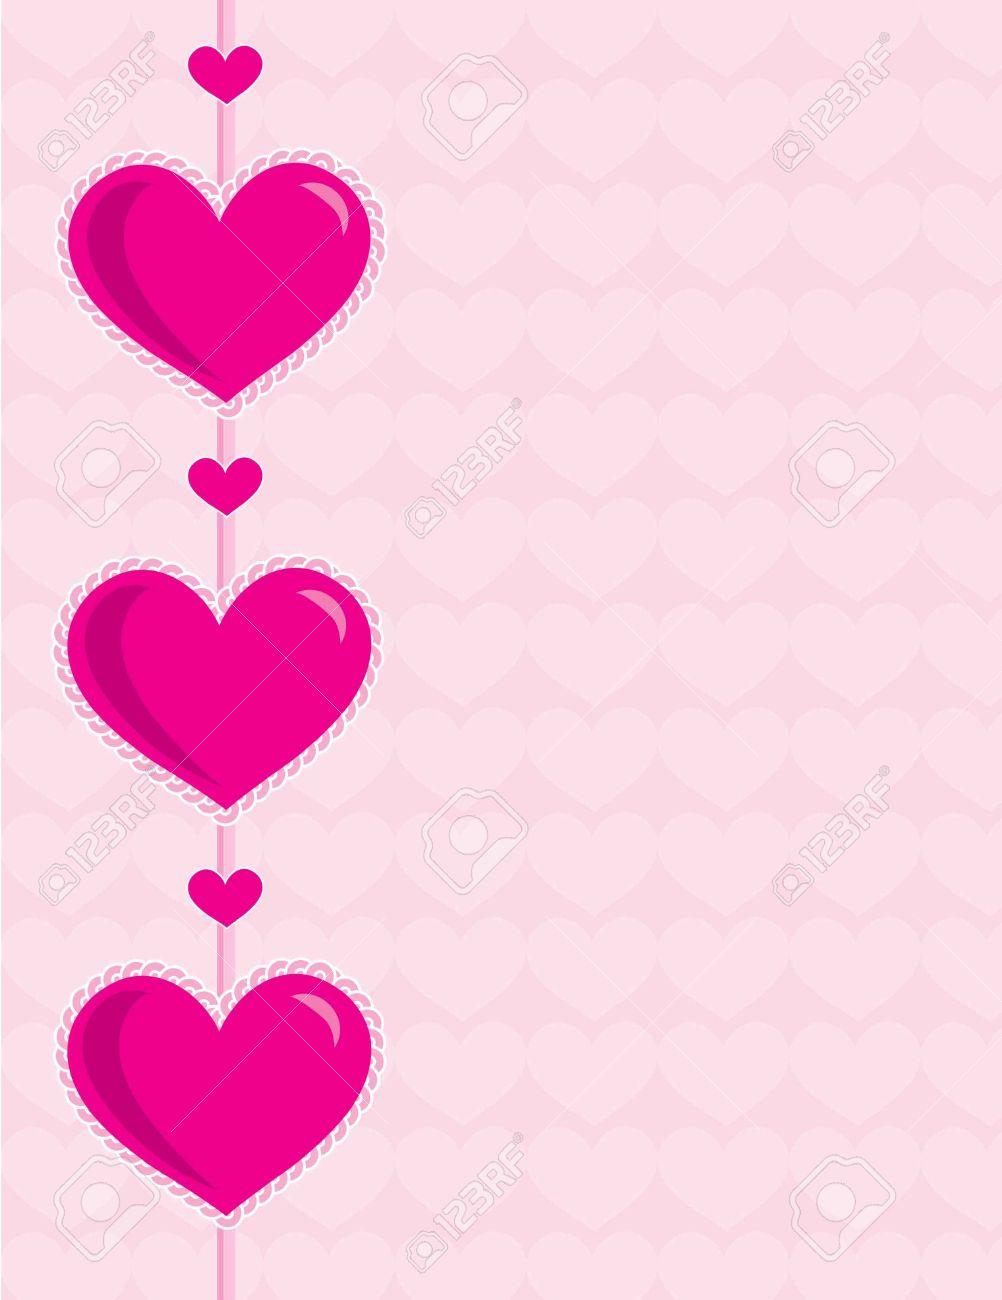 Tres Grandes Corazones De Color Rosa Palido Sobre Un Fondo Rosa Con